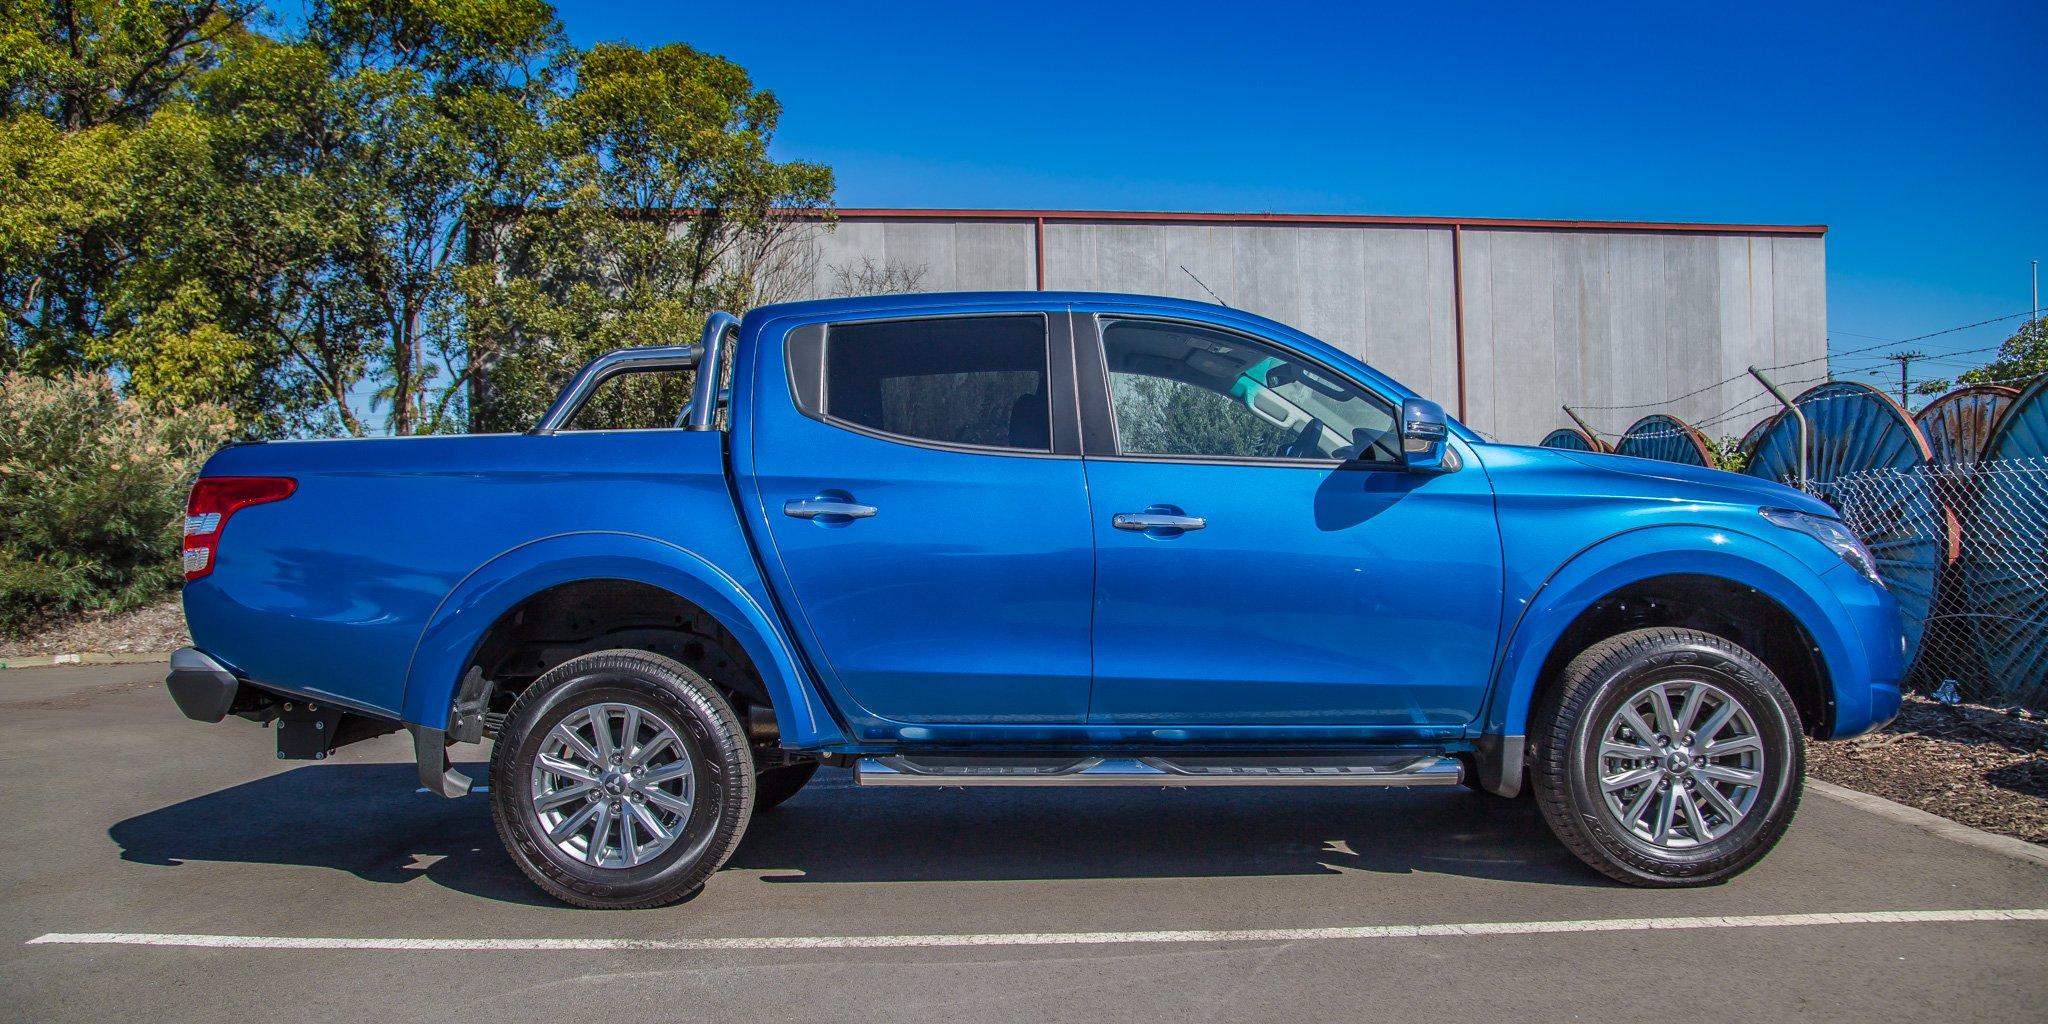 2016 Mitsubishi Triton GLS Review